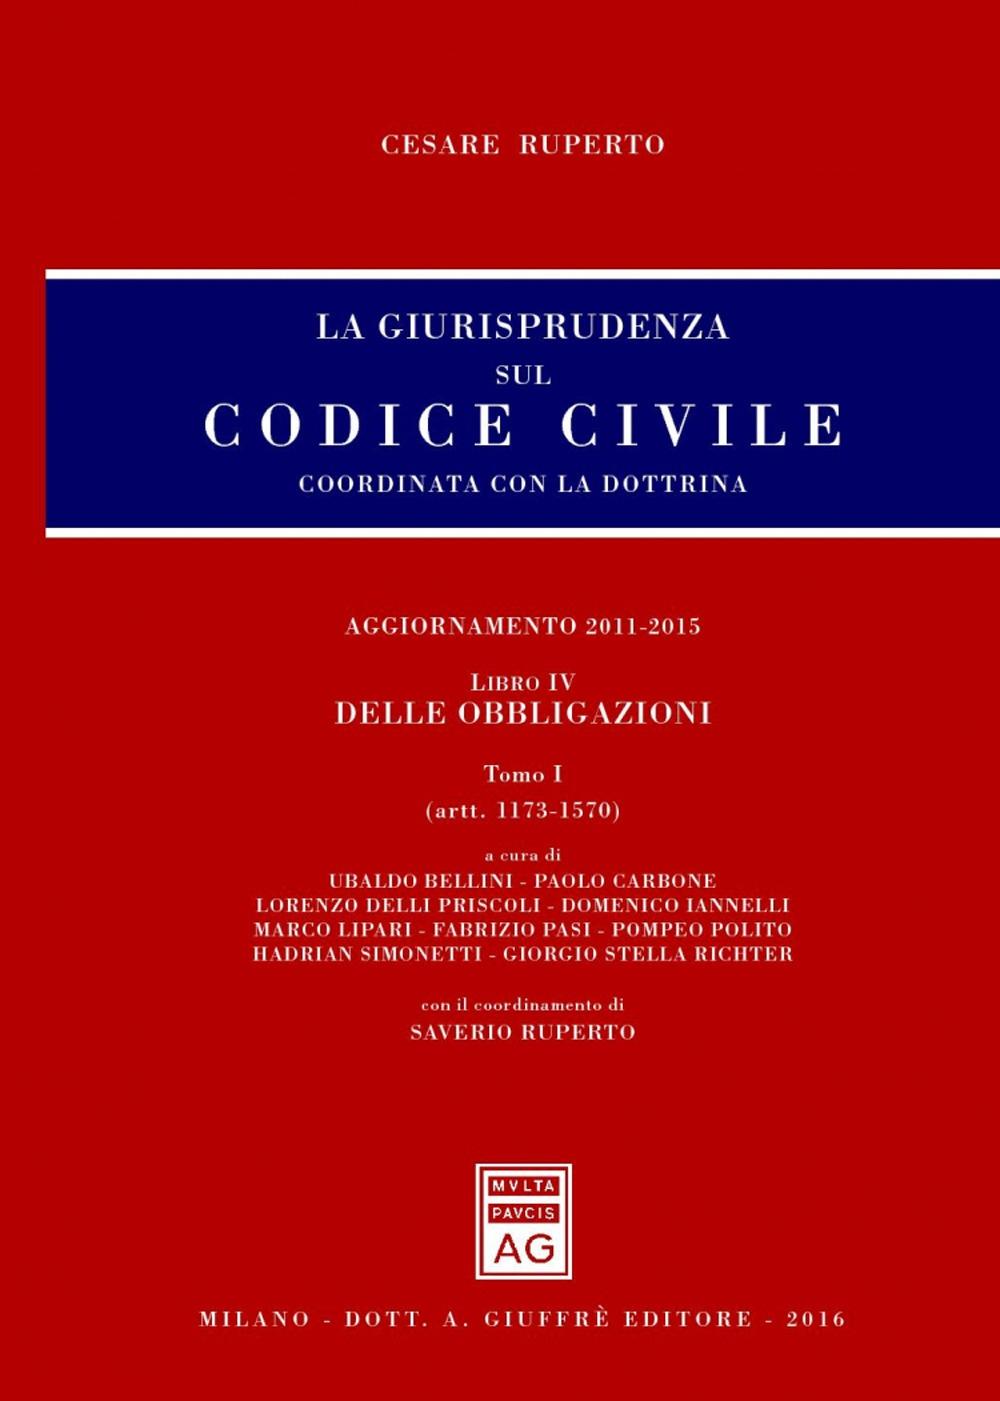 La giurisprudenza sul codice civile. Coordinata con la dottrina. Vol. 5: Artt. 1173-2058